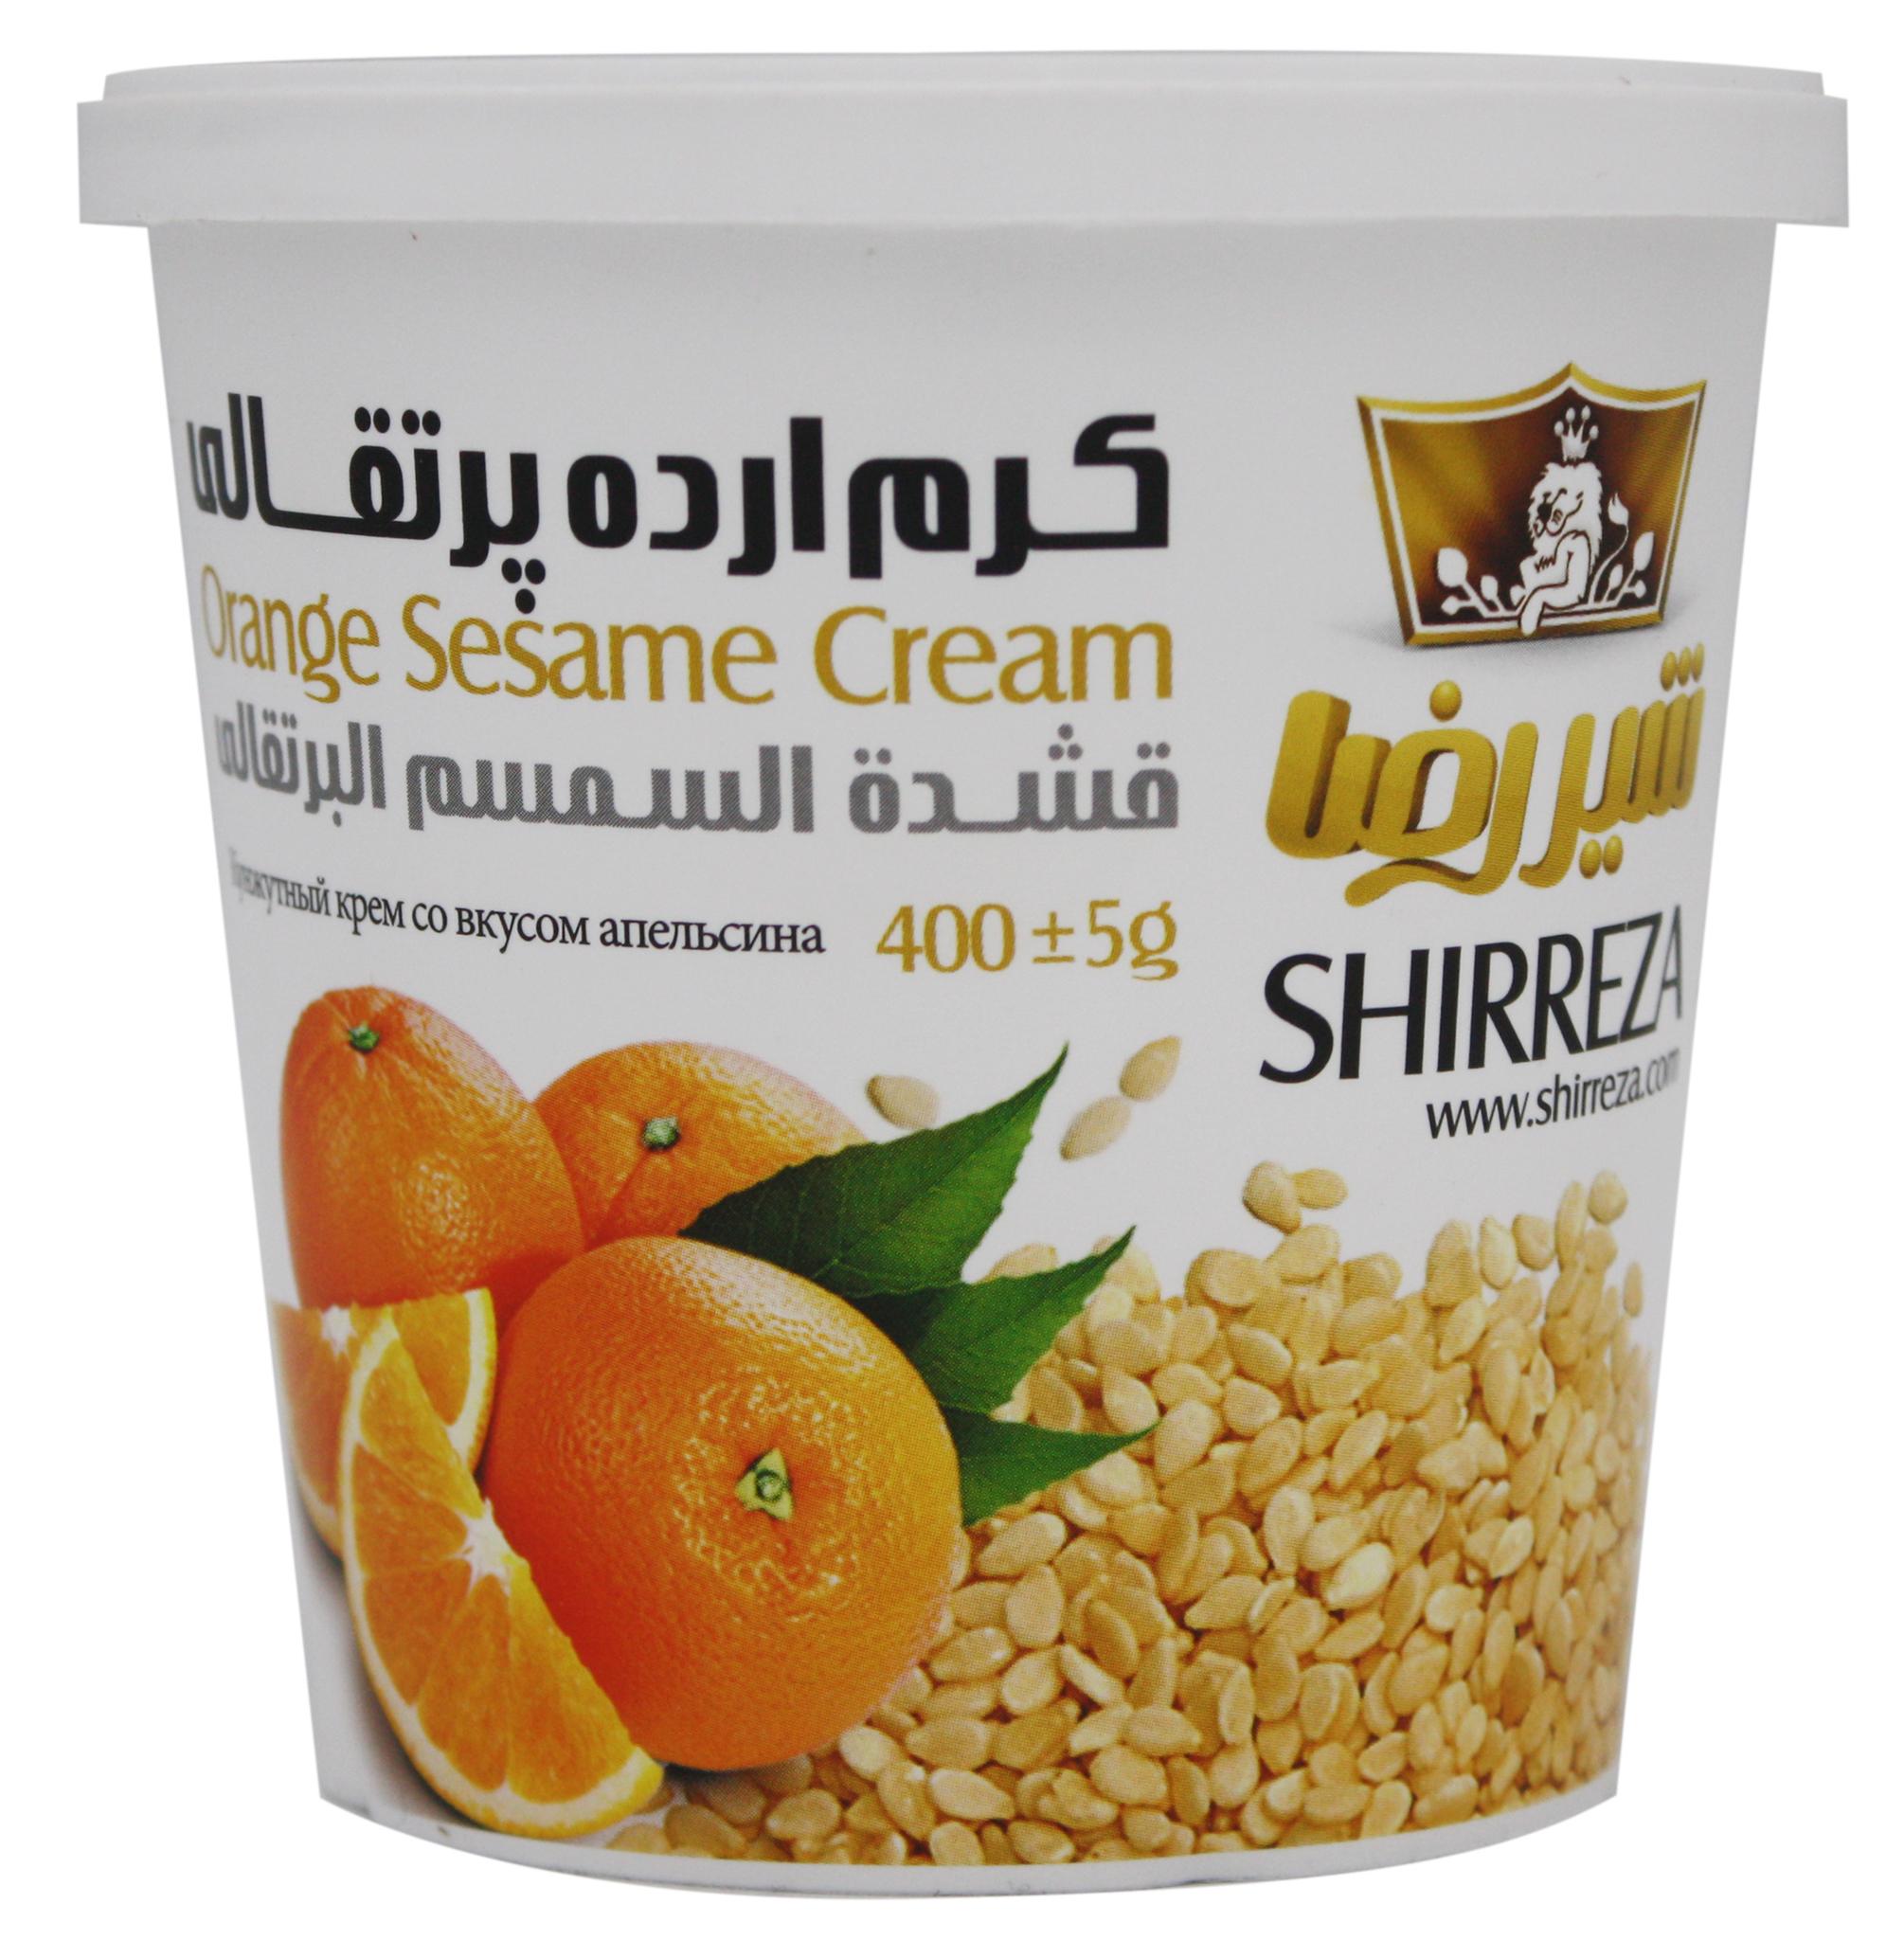 Паста Кунжутный крем с апельсином, Shirreza, 400 г import_files_e6_e6bb6ff6ac4611e9a9ae484d7ecee297_8e4ab482af6c11e9a9b1484d7ecee297.jpg